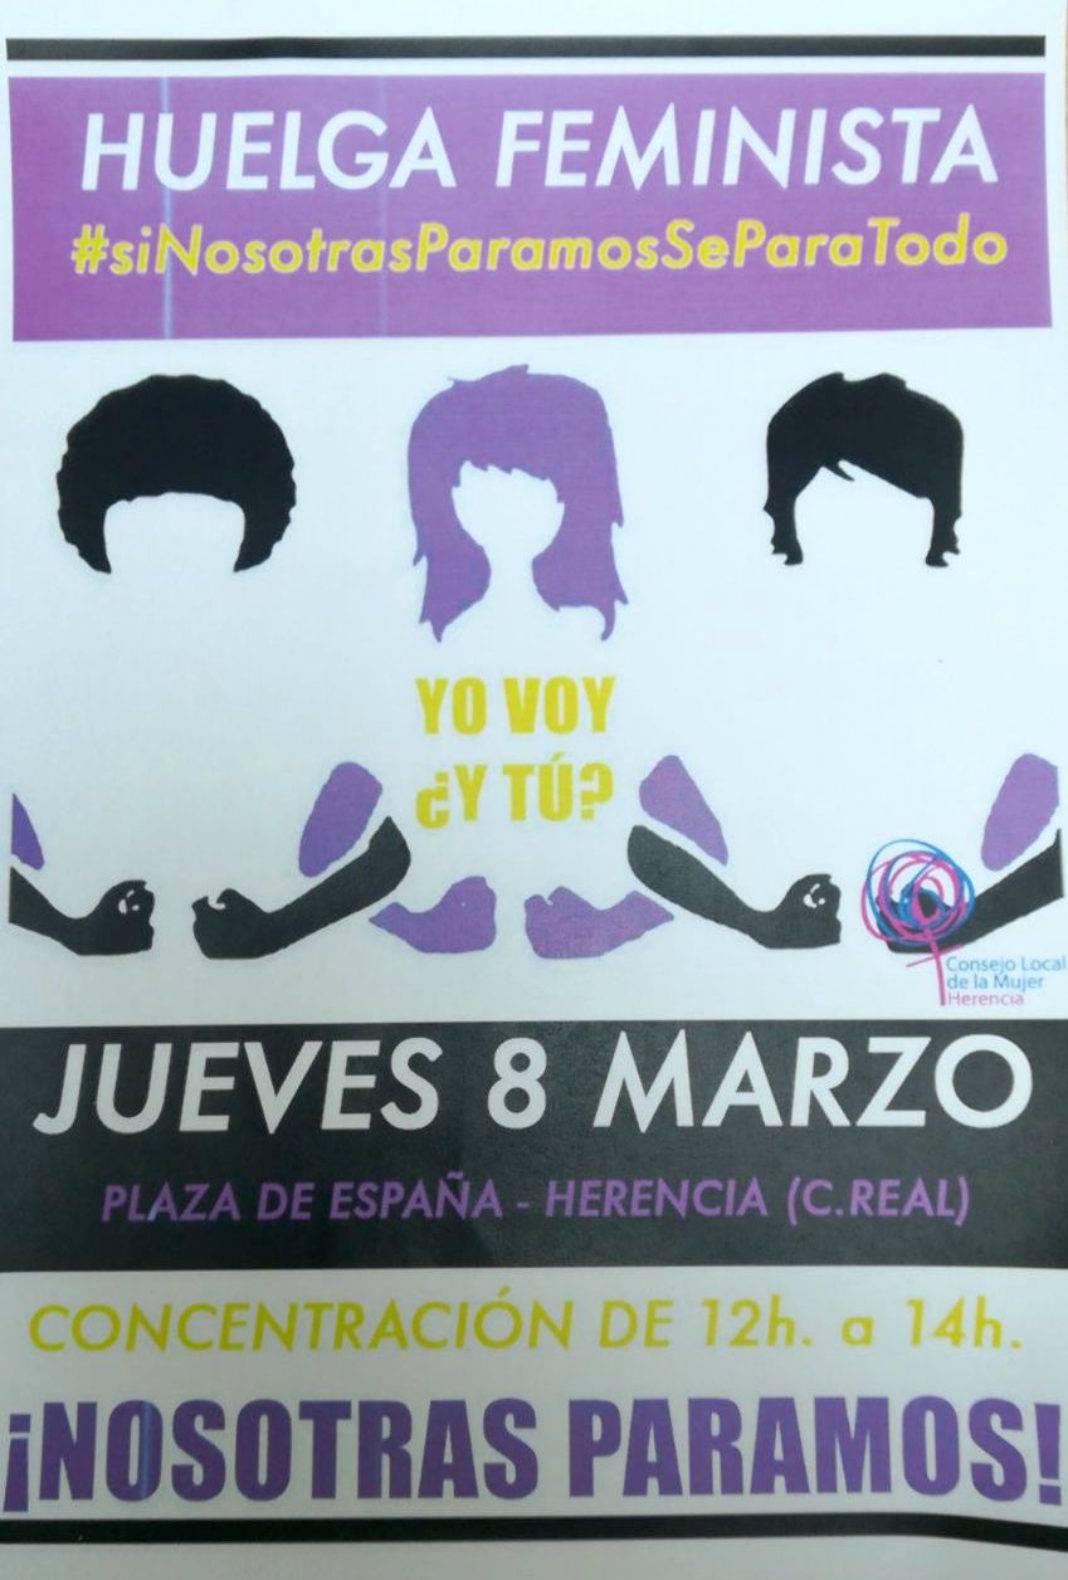 El Consejo Local de la Mujer de Herencia apoya la huelga feminista 5